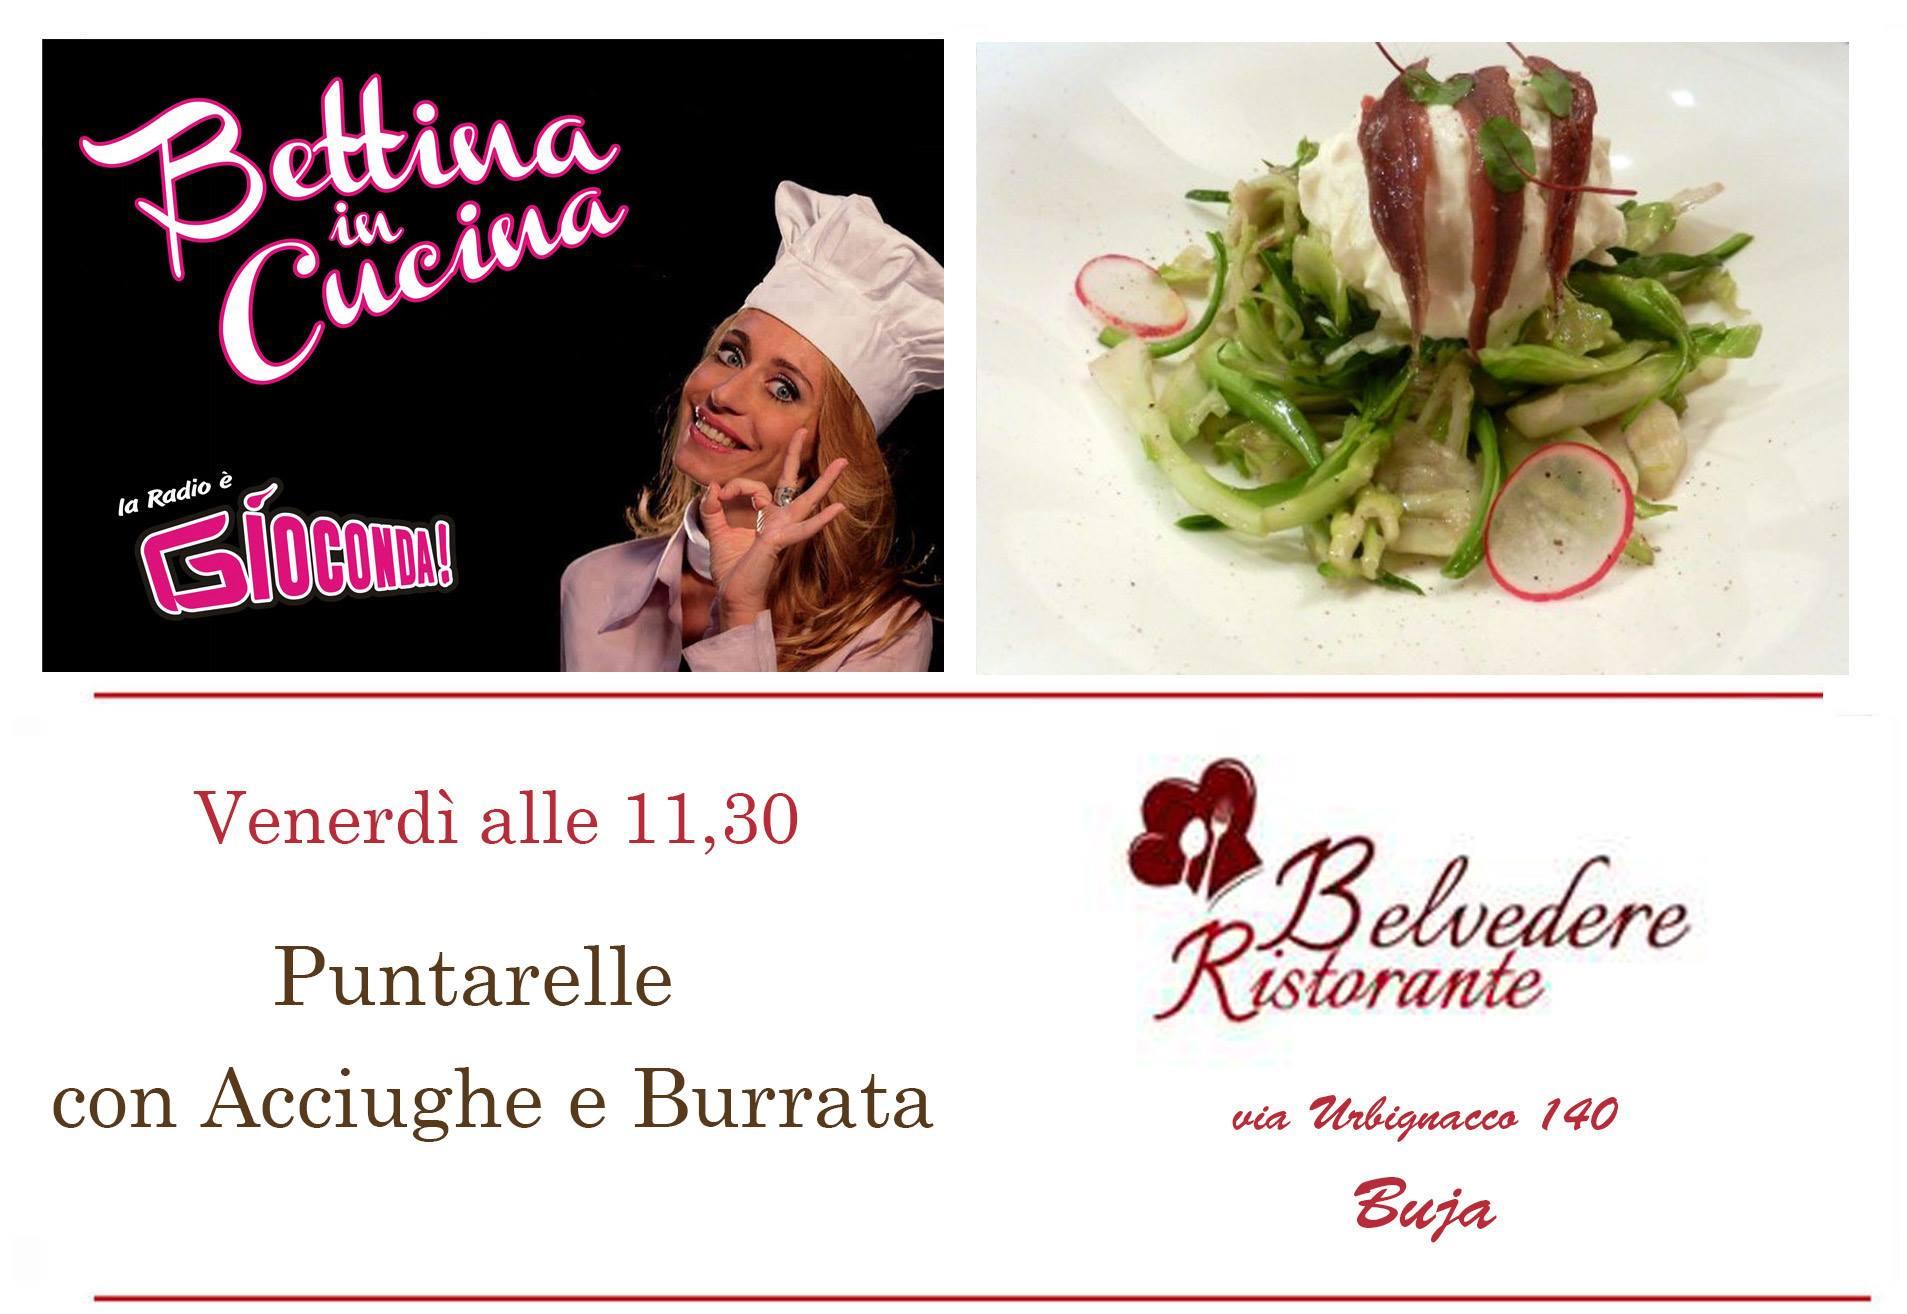 Bettina in Cucina con il Ristorante Pizzeria Belvedere a Buja